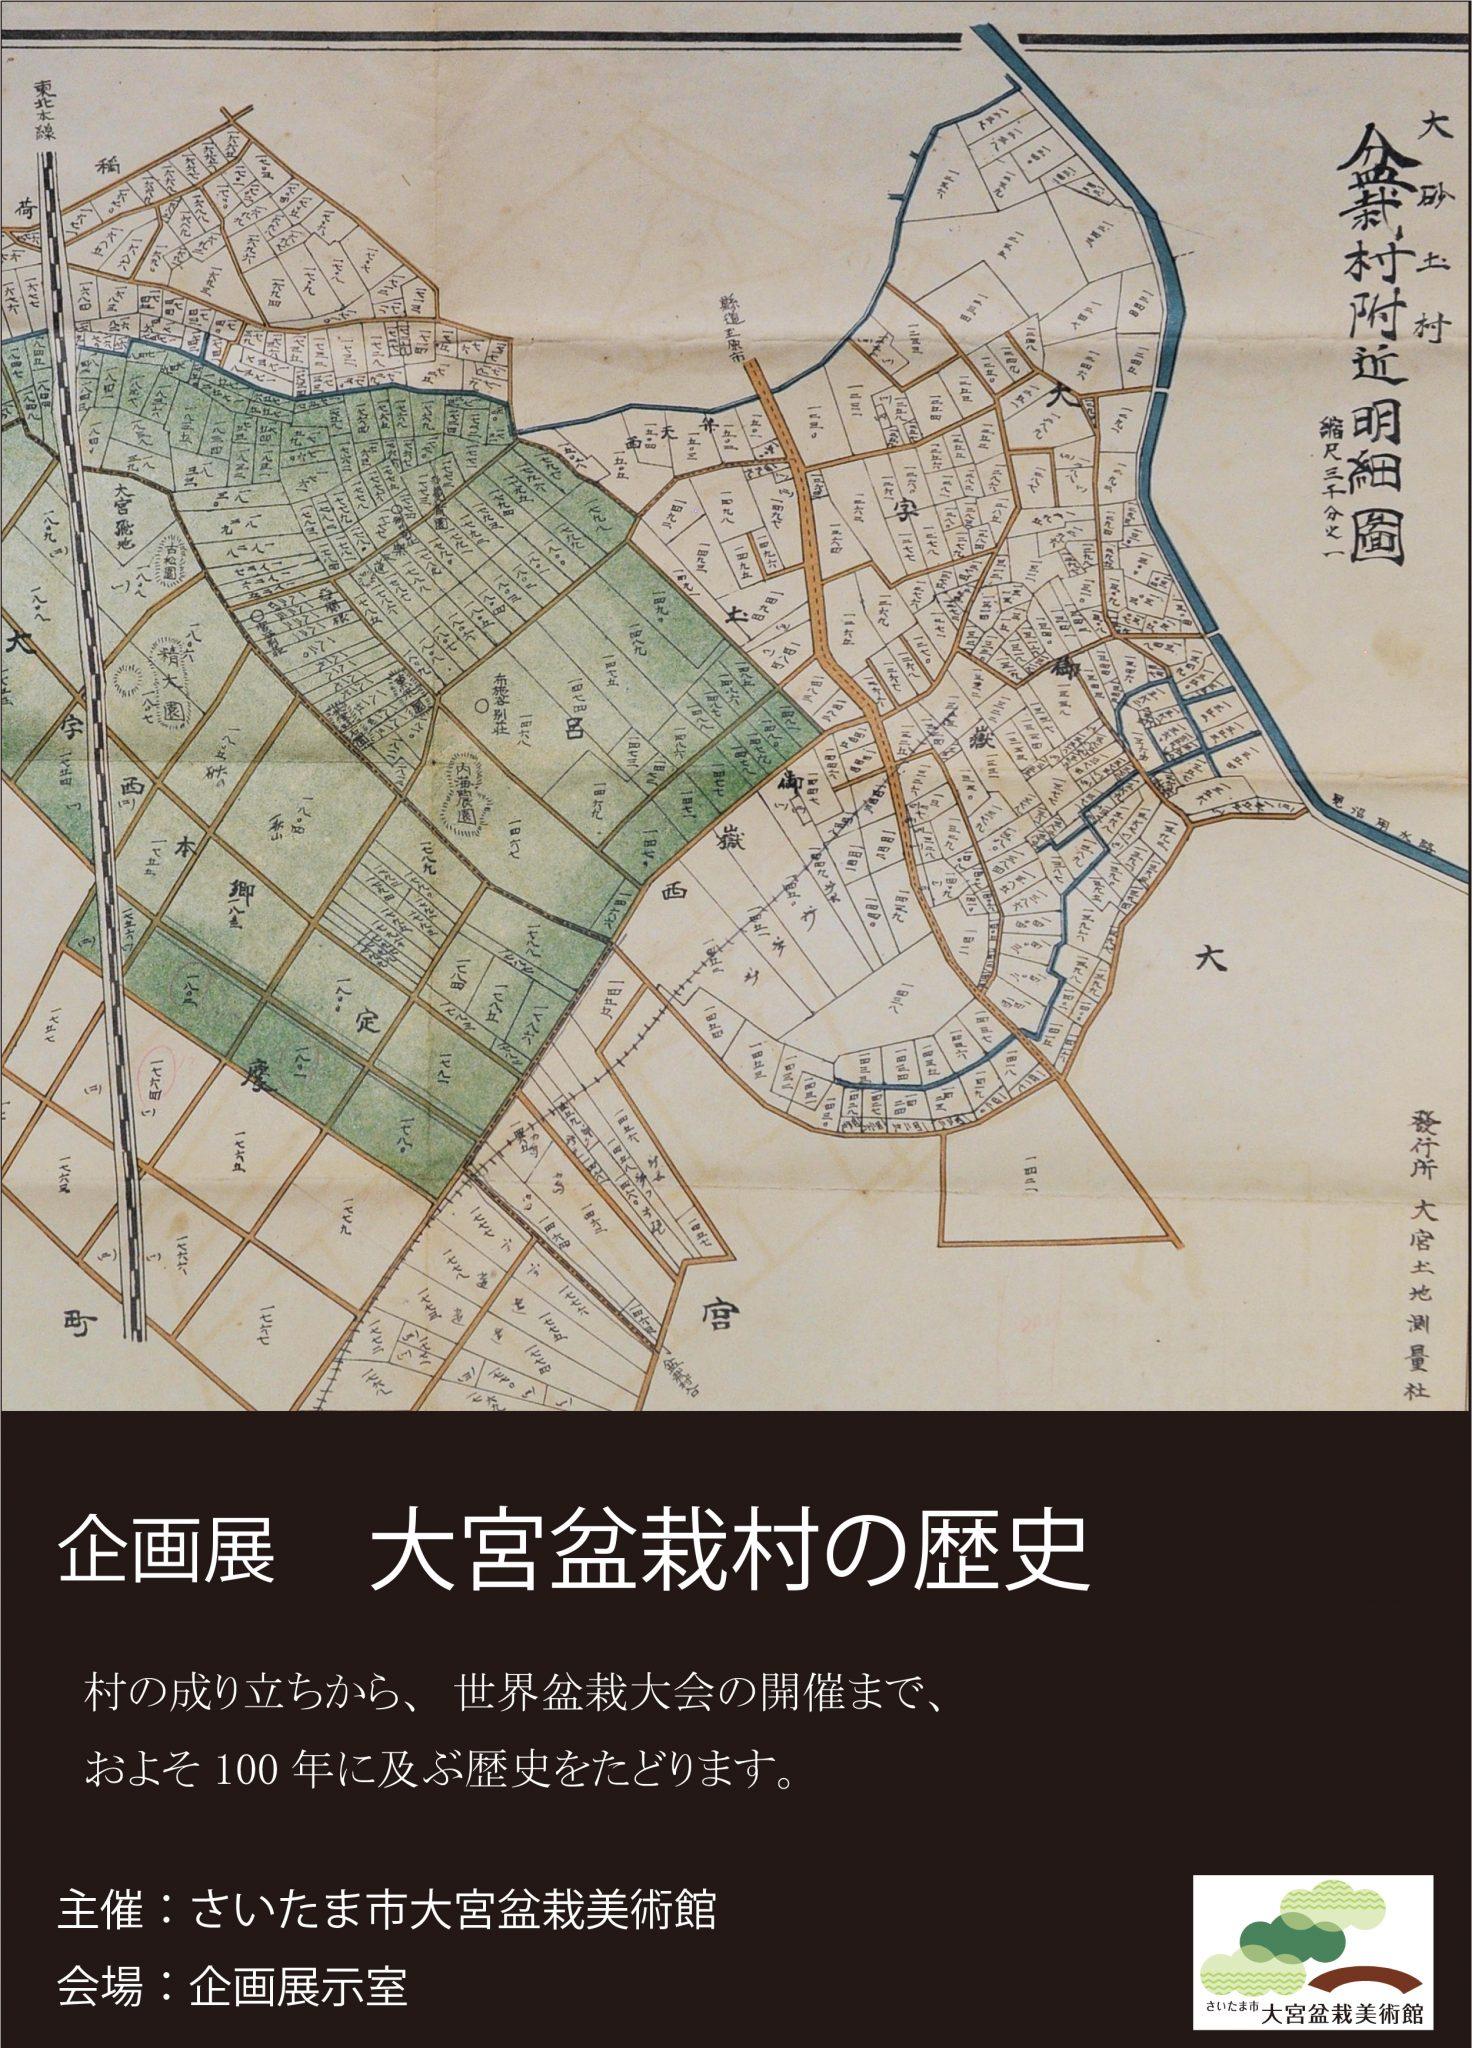 【中止】企画展「大宮盆栽村の歴史」